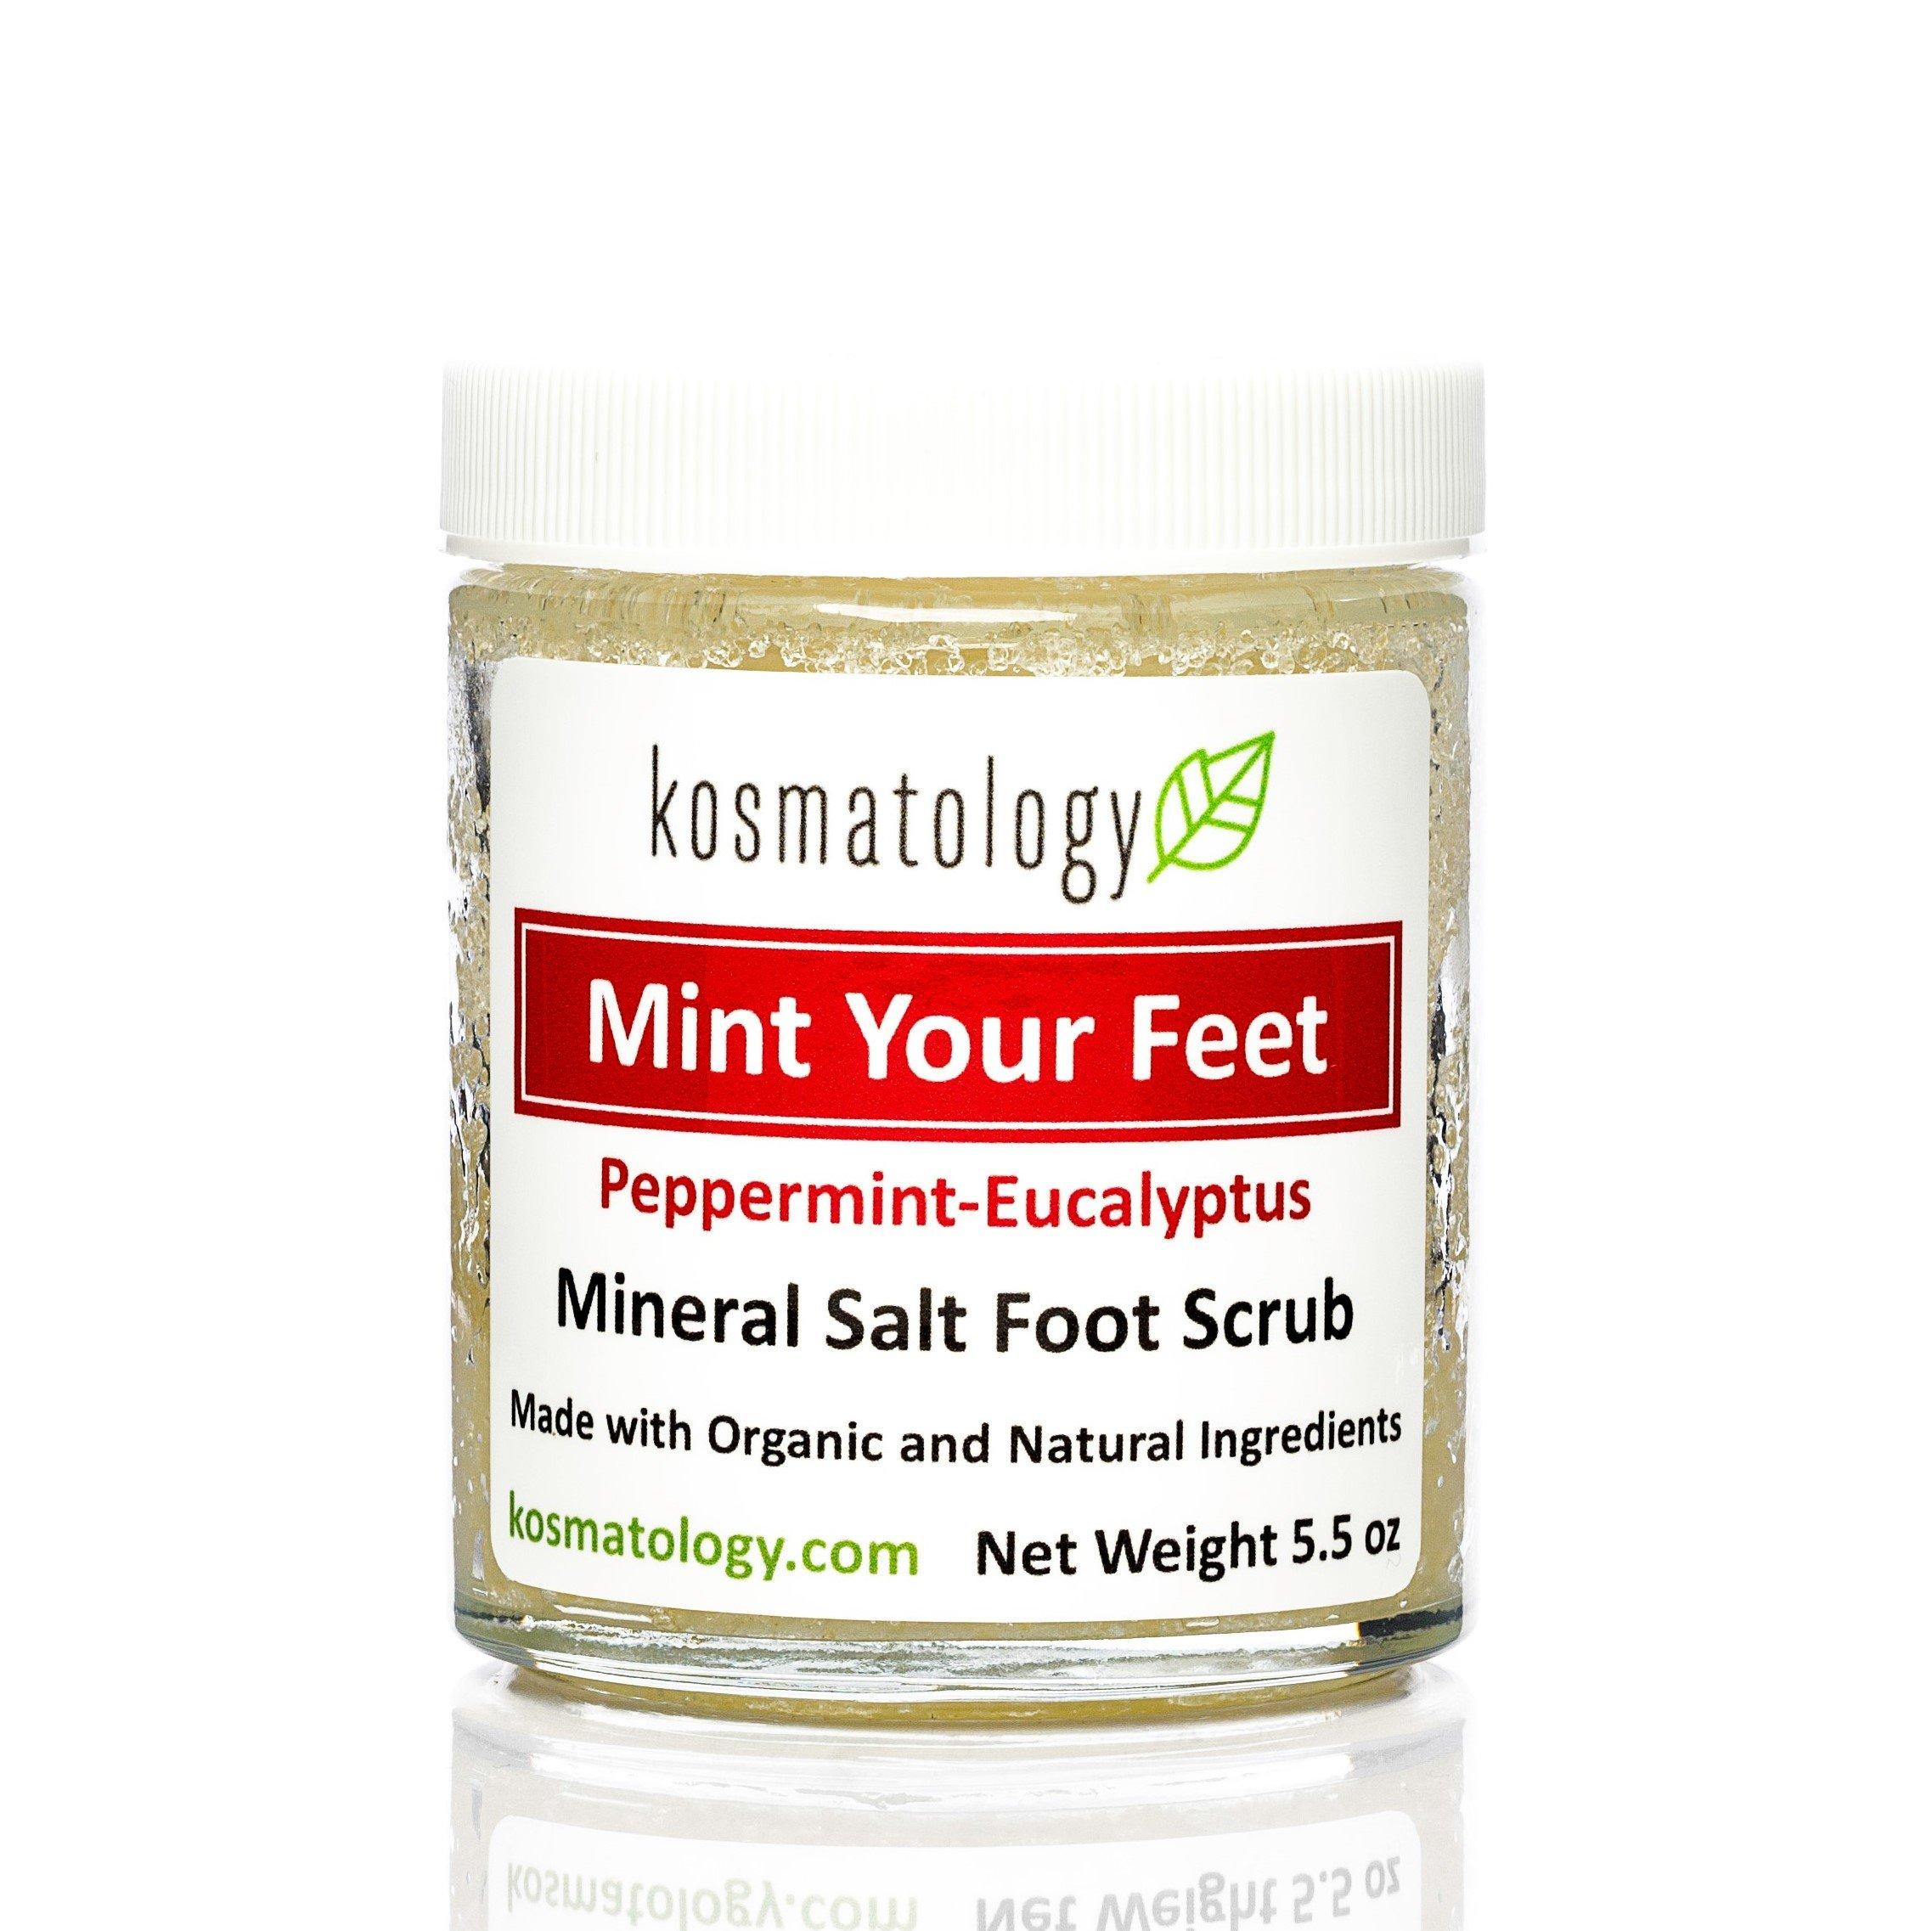 Kosmatology Mint Your Feet (Peppermint-Eucalyptus) Mineral Salt Foot Scrub, 5.5 oz by kosmatology